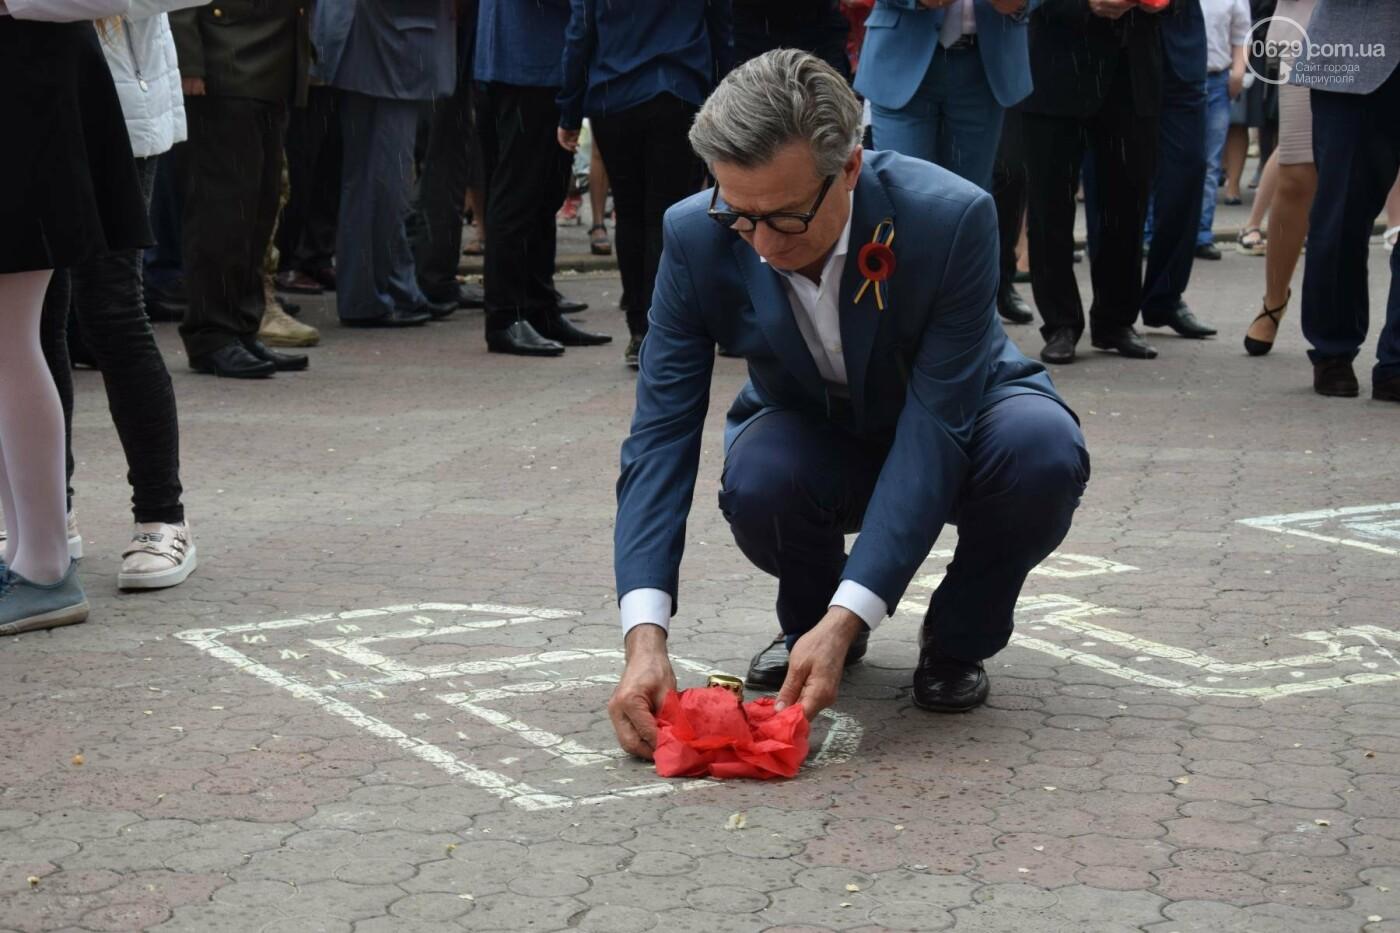 День памяти и примирения в Мариуполе  второй год проходит под дождем (ФОТО, ВИДЕО), фото-6